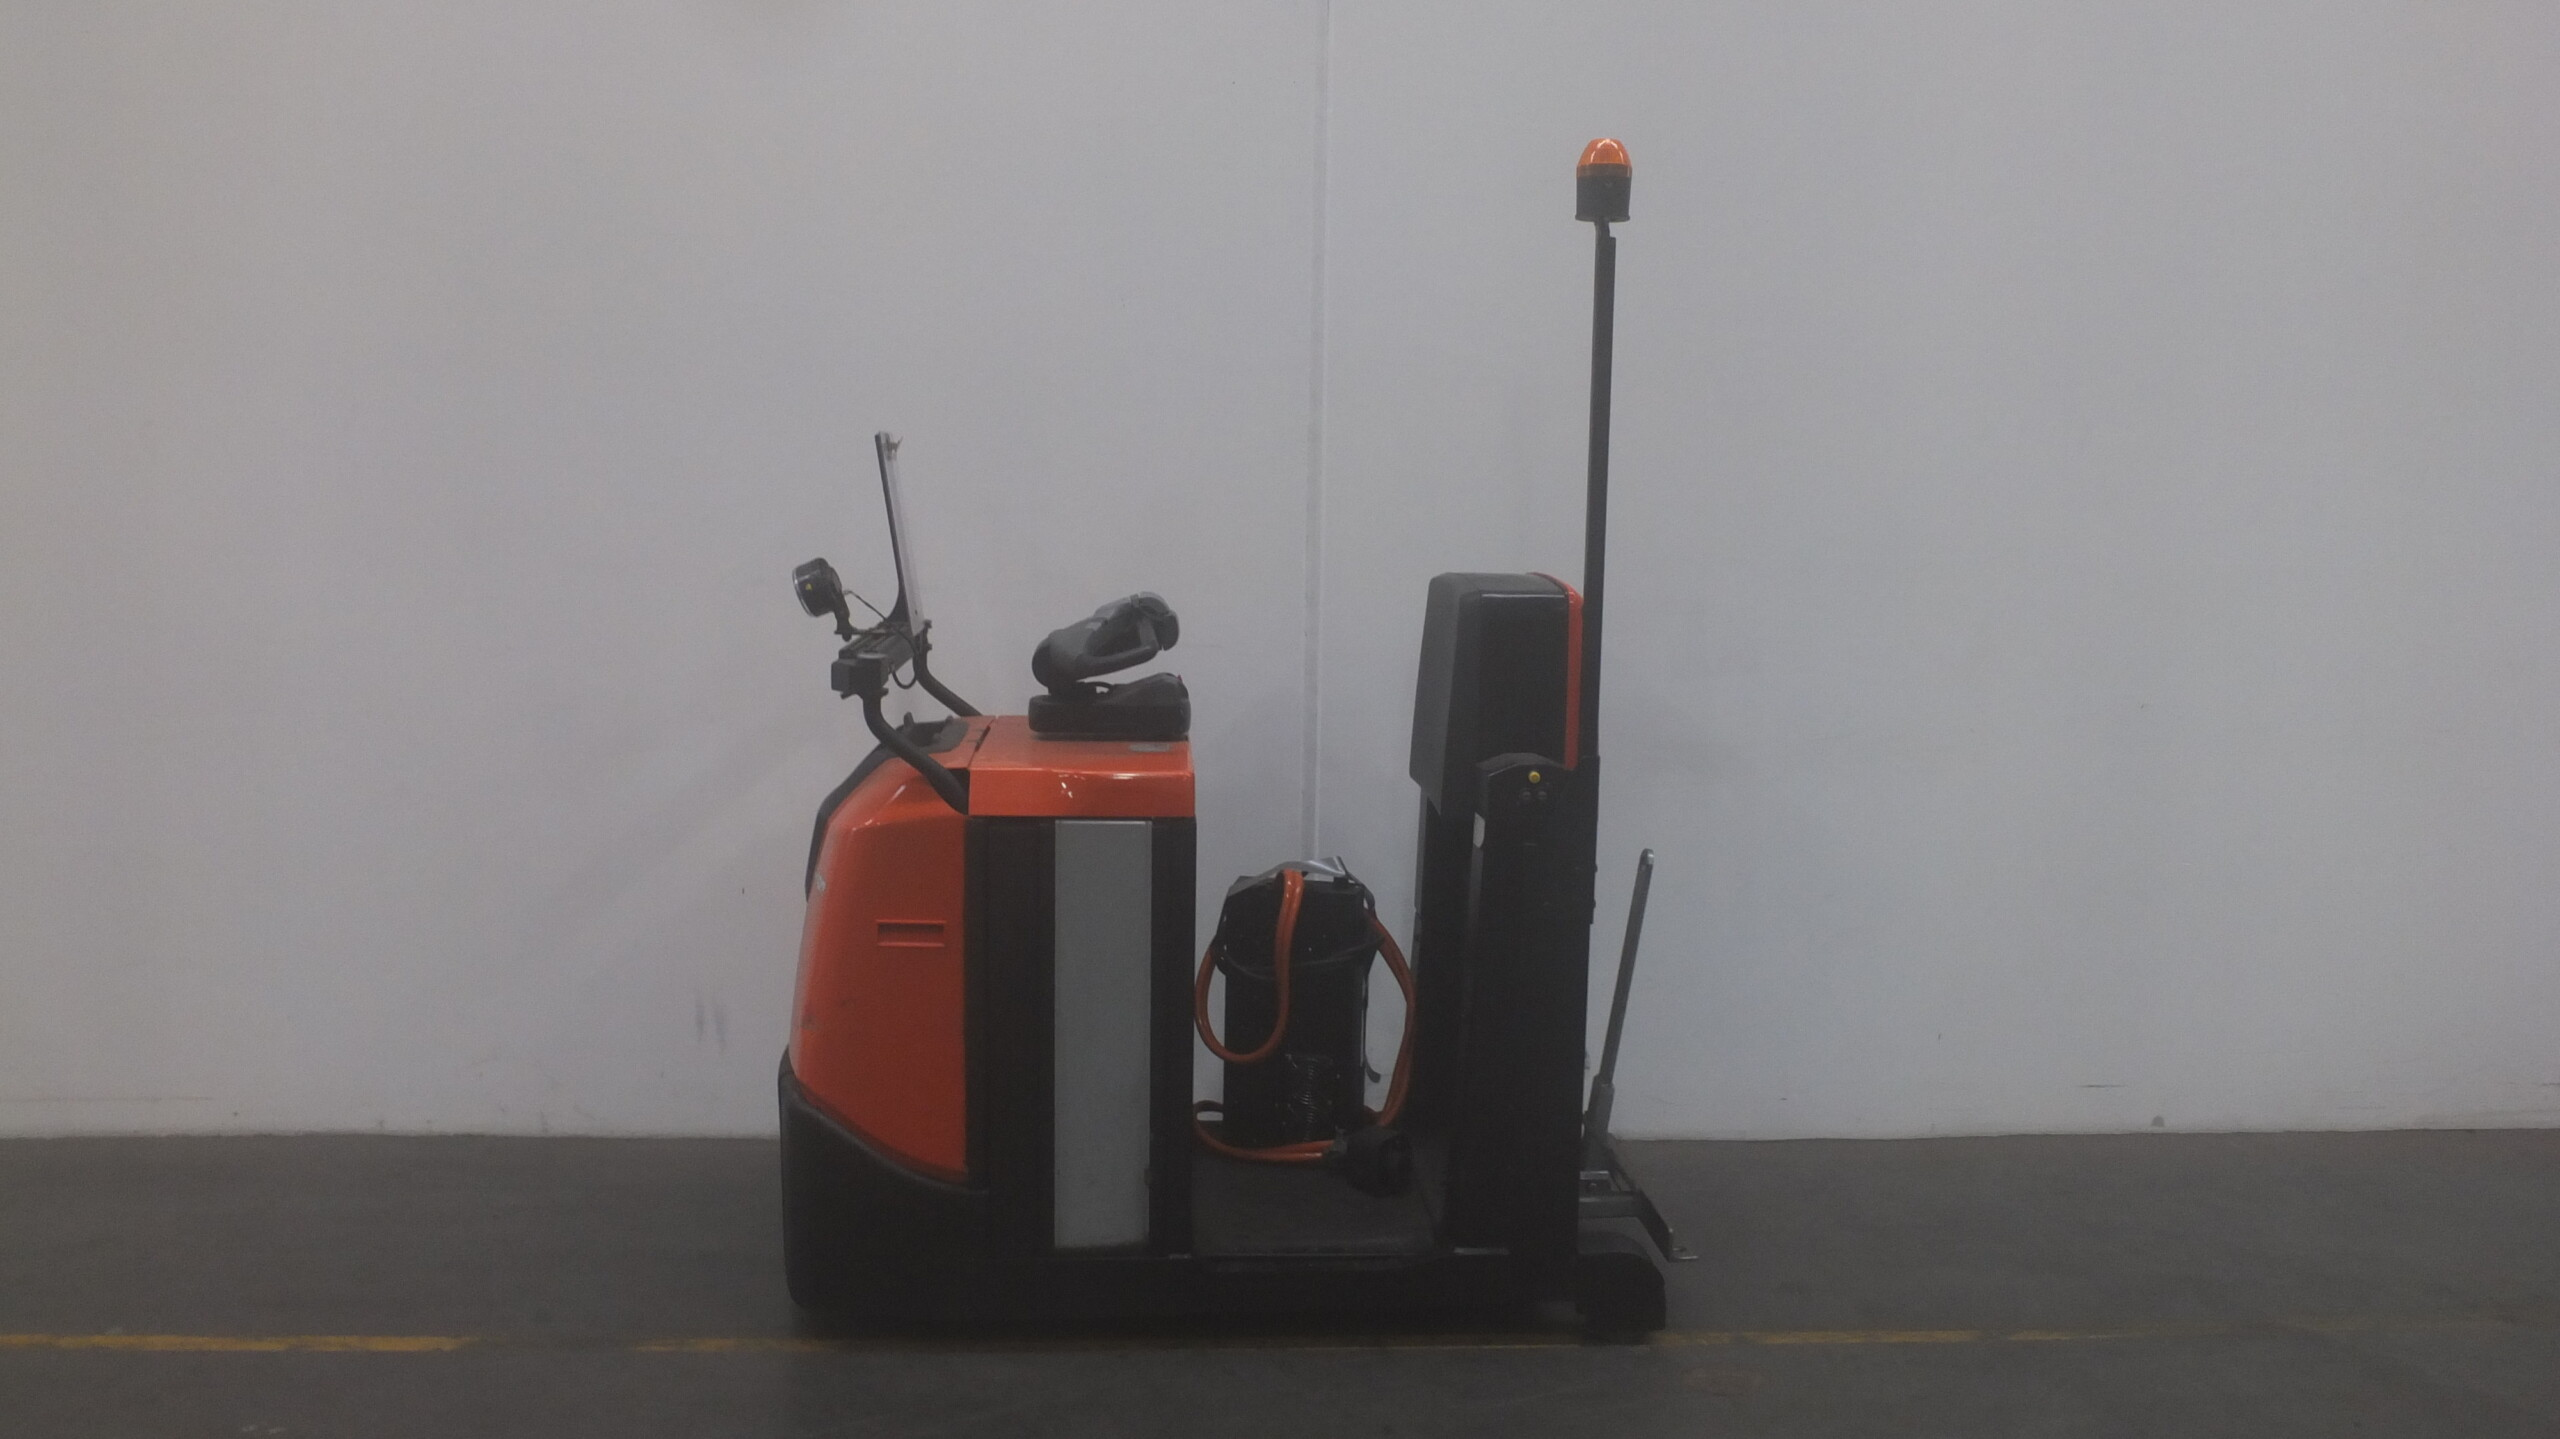 Toyota-Gabelstapler-59840 1803040074 1 9 scaled